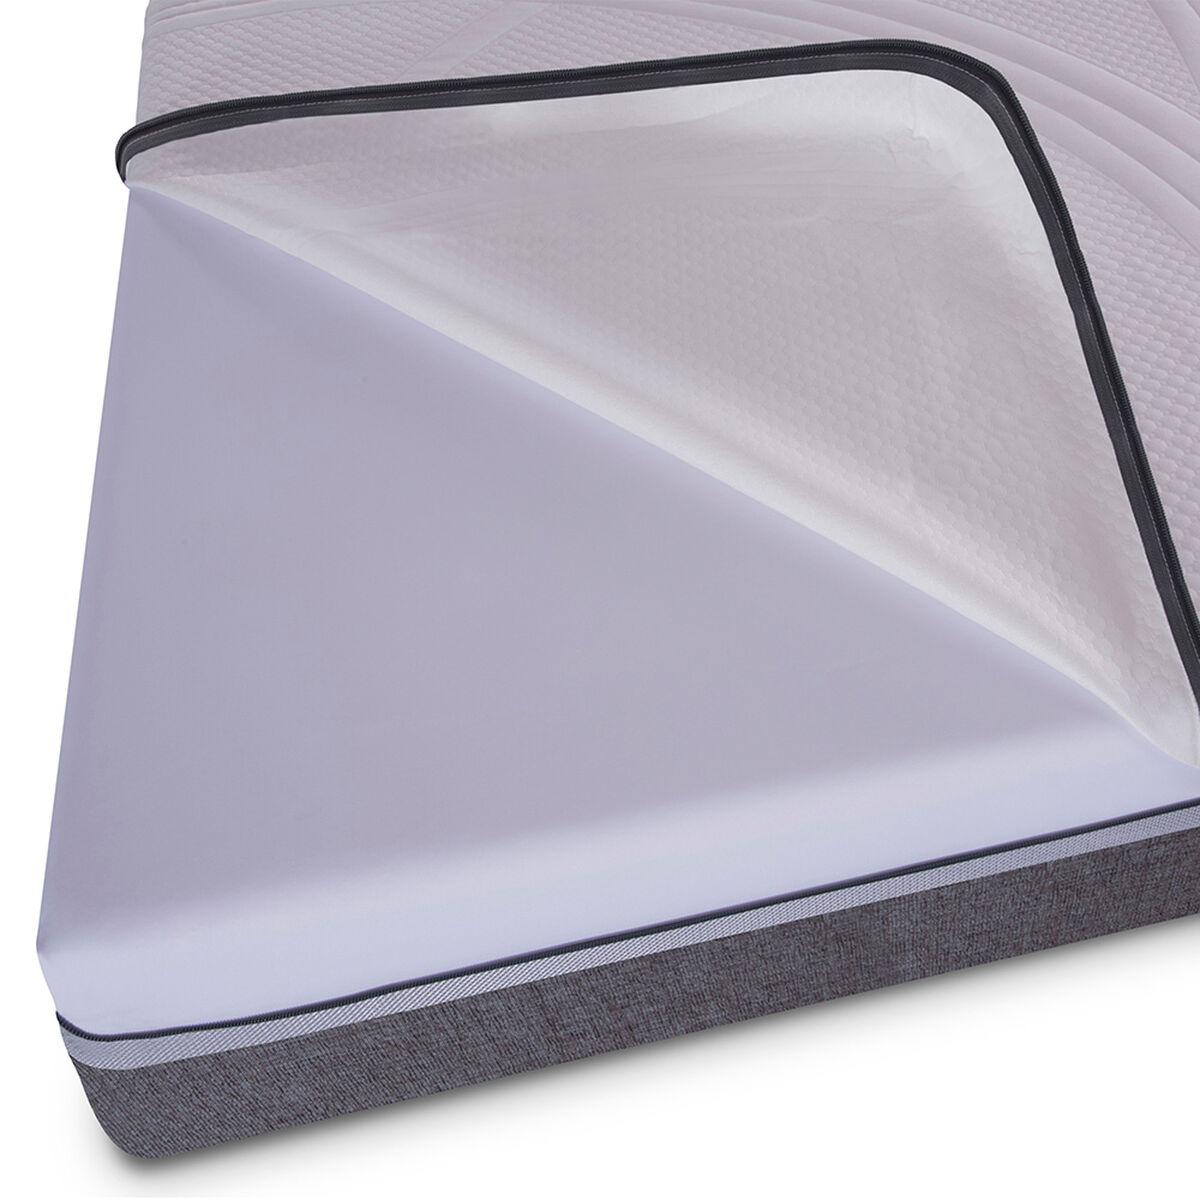 Cama Europea 1,5 Plaza  Ortopedic Advance  + Textil